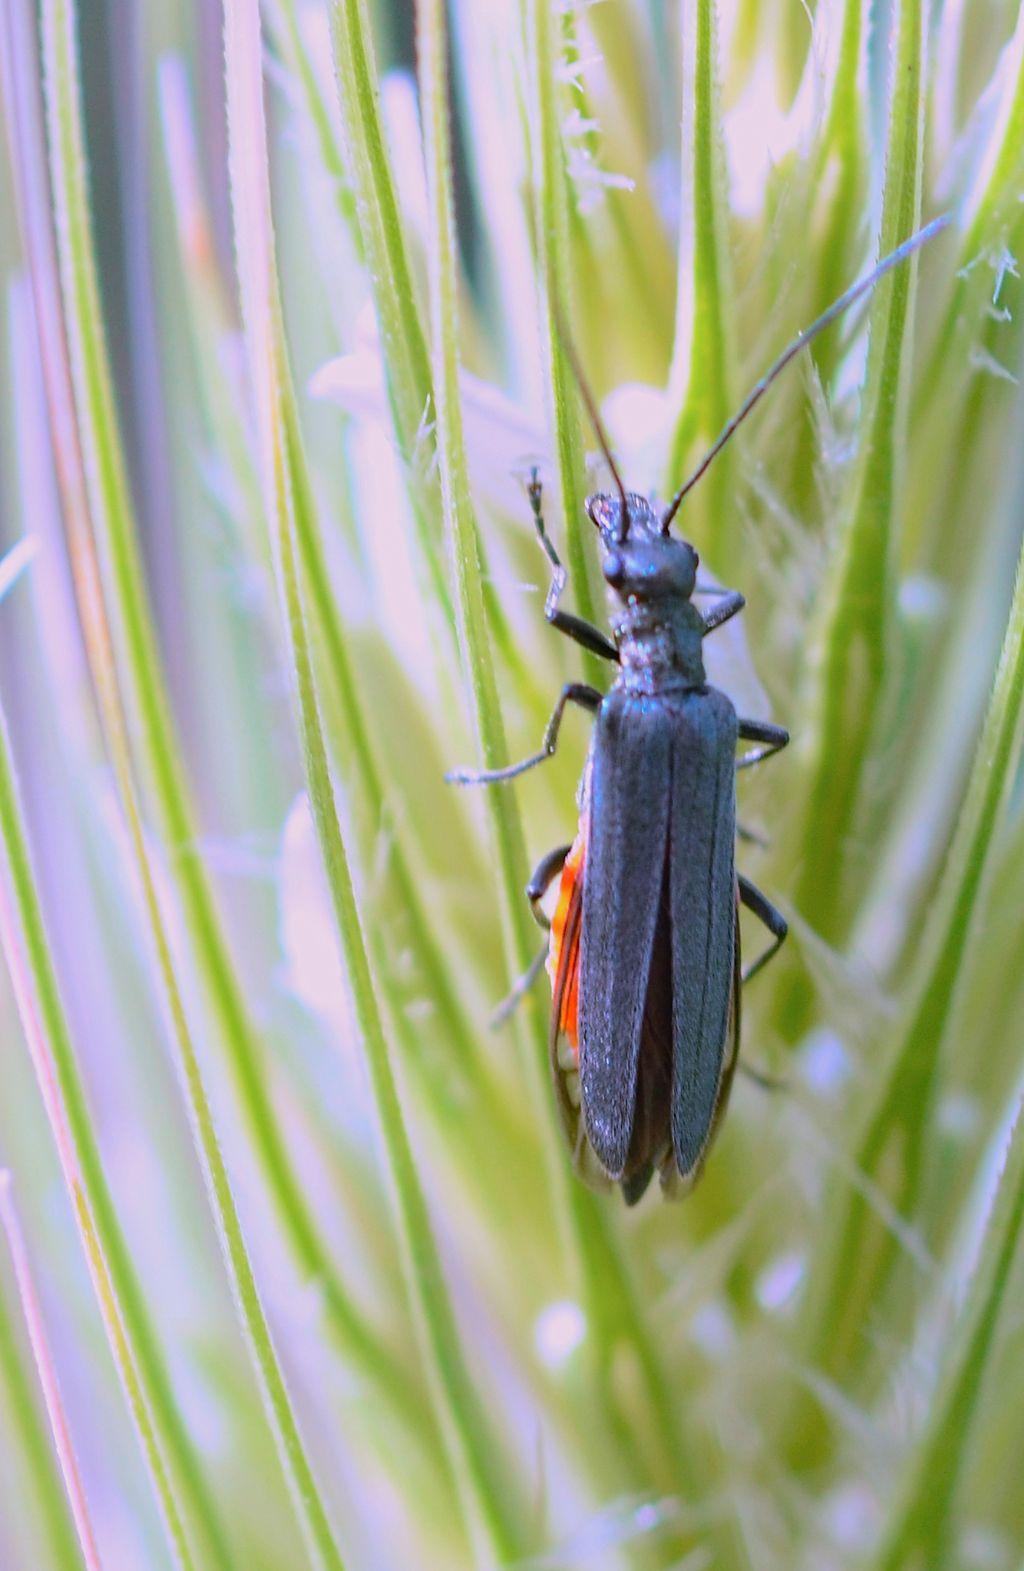 Oedemera gruppo lurida: femmina di O. crassipes (cfr.)